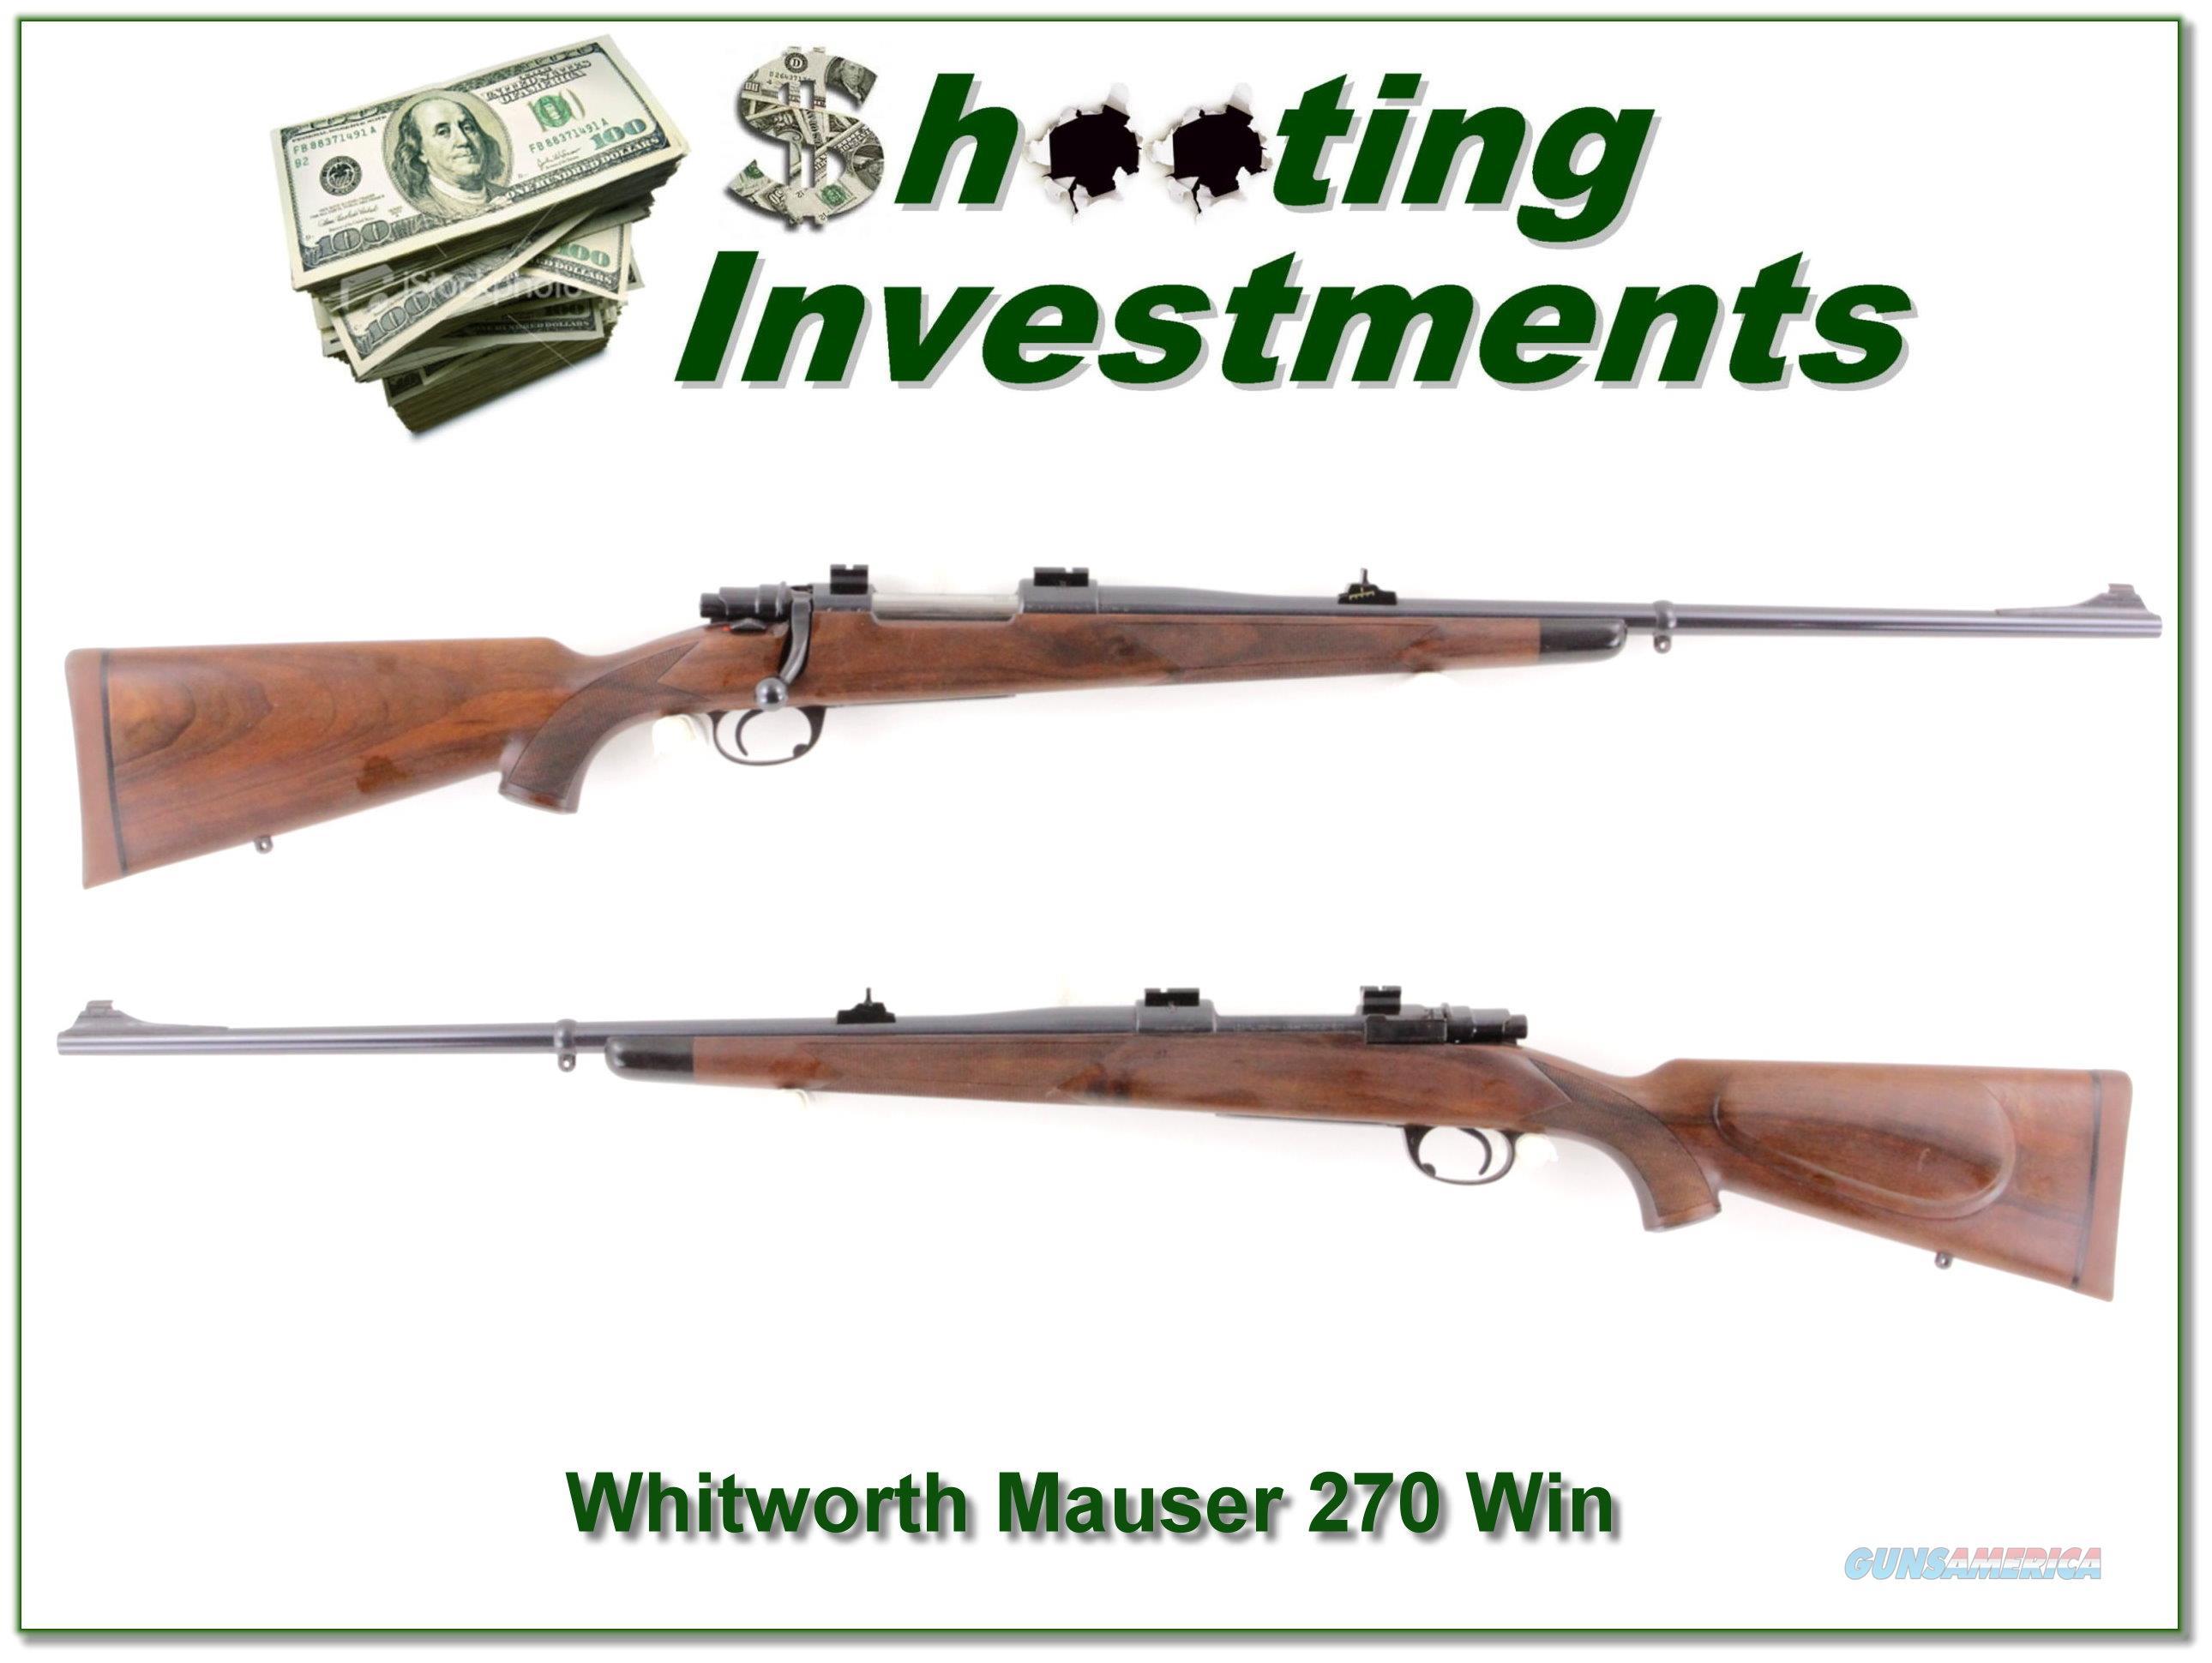 Whitworth Interarms Mauser Classic Safari 270 Win  Guns > Rifles > Interarms Rifles